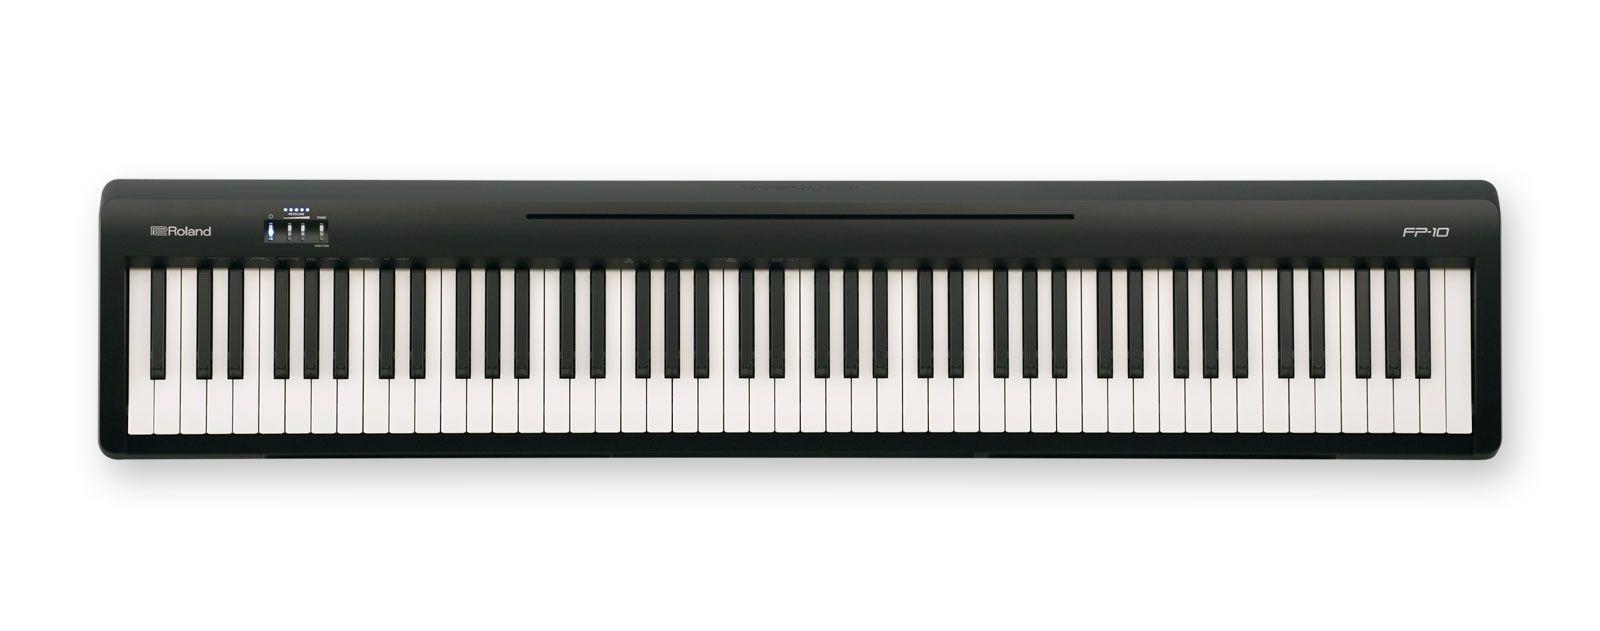 Roland FP-10-BK Stagepiano schwarz Digitalpiano mit Lautsprechern